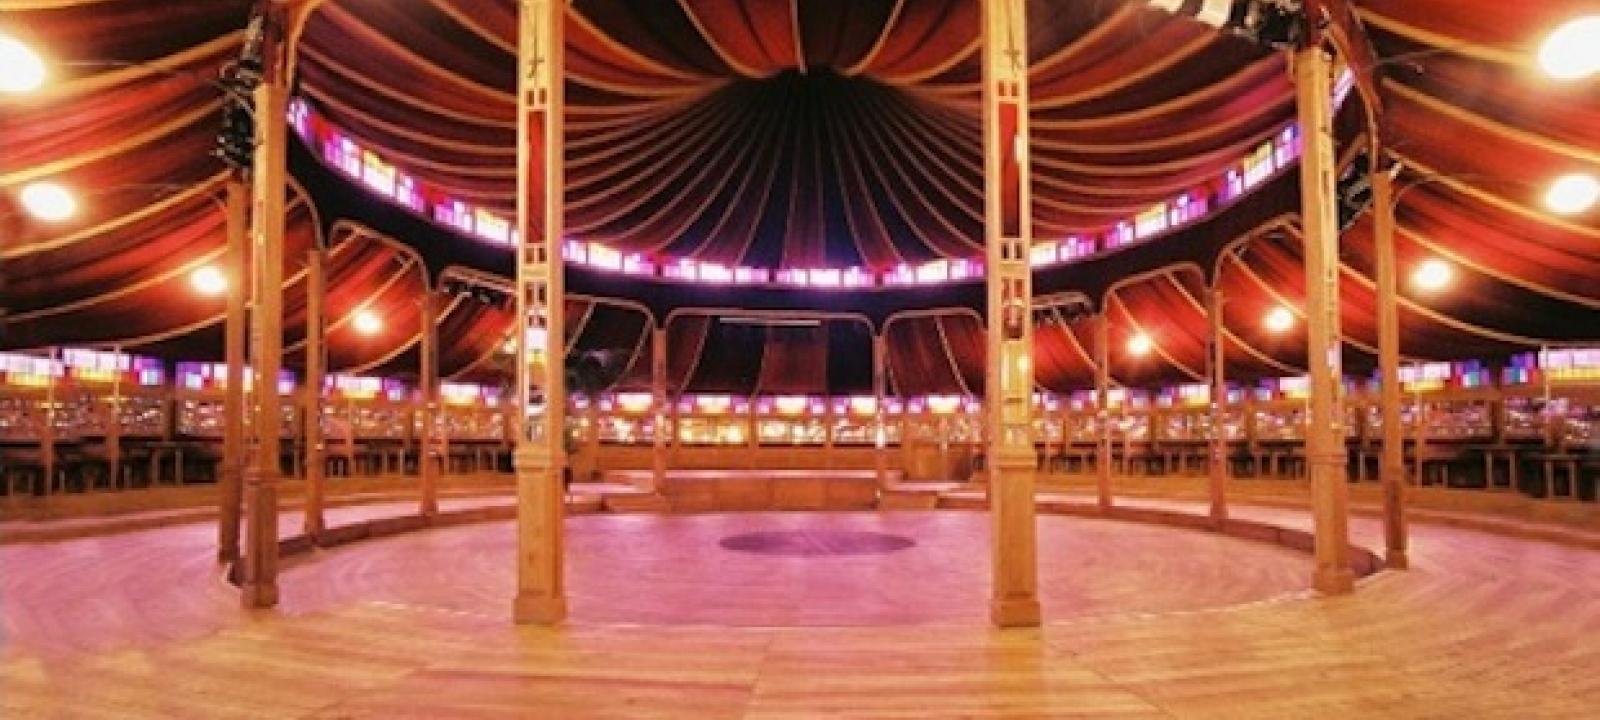 Spiegeltent Tango Antwerpen